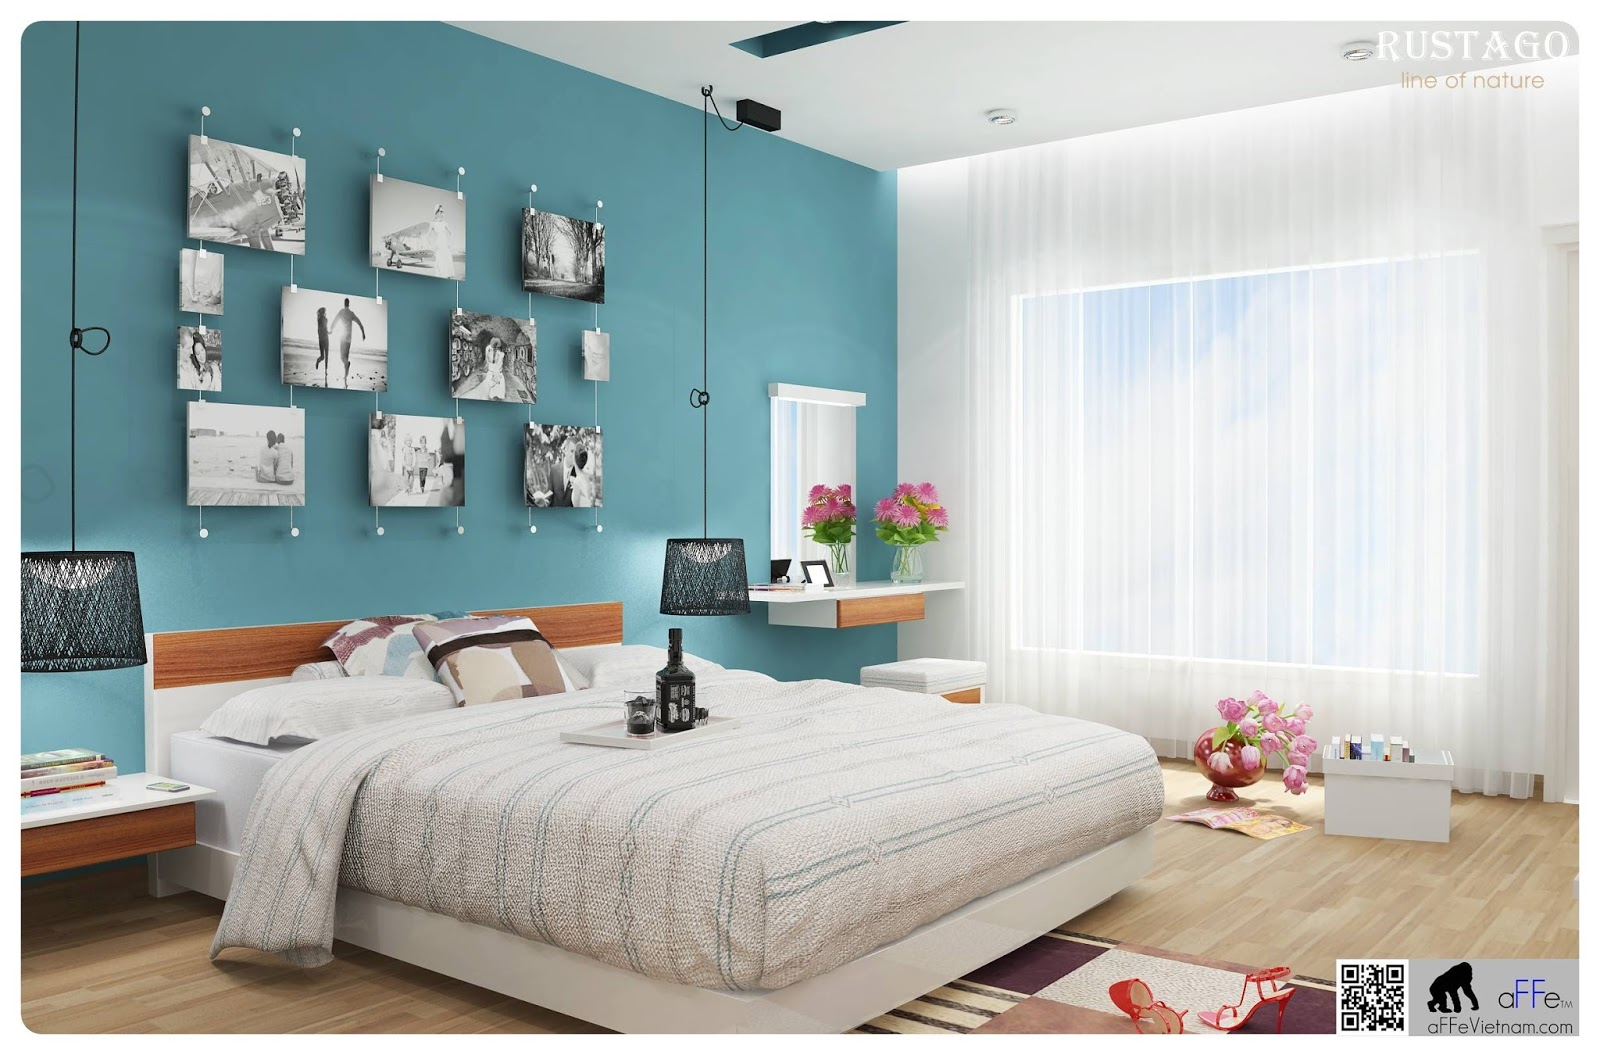 Thiết kế phòng ngủ và một số điều nên tránh trong phong thủy